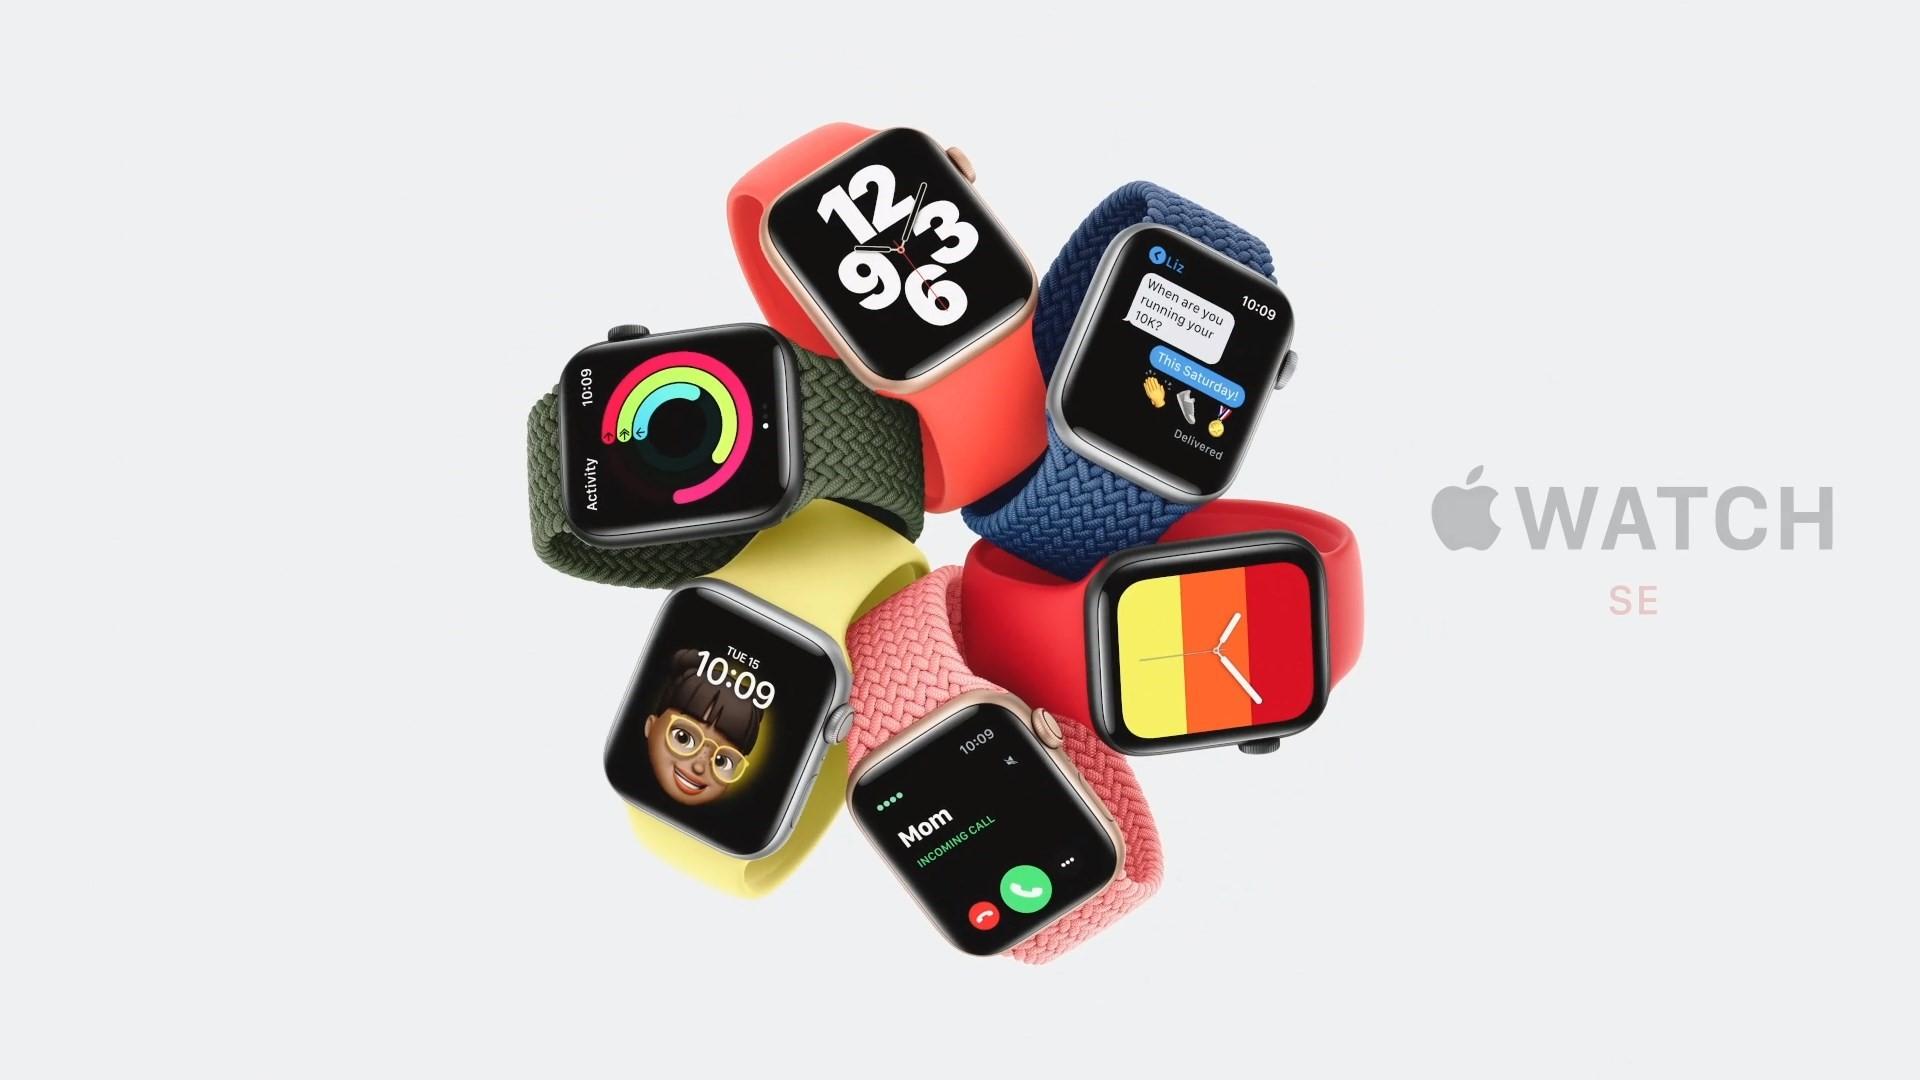 Apple Watch Series 6 chính thức trình làng: Phần cứng mới, thêm nhiều tính năng sức khỏe, giá từ 399 USD